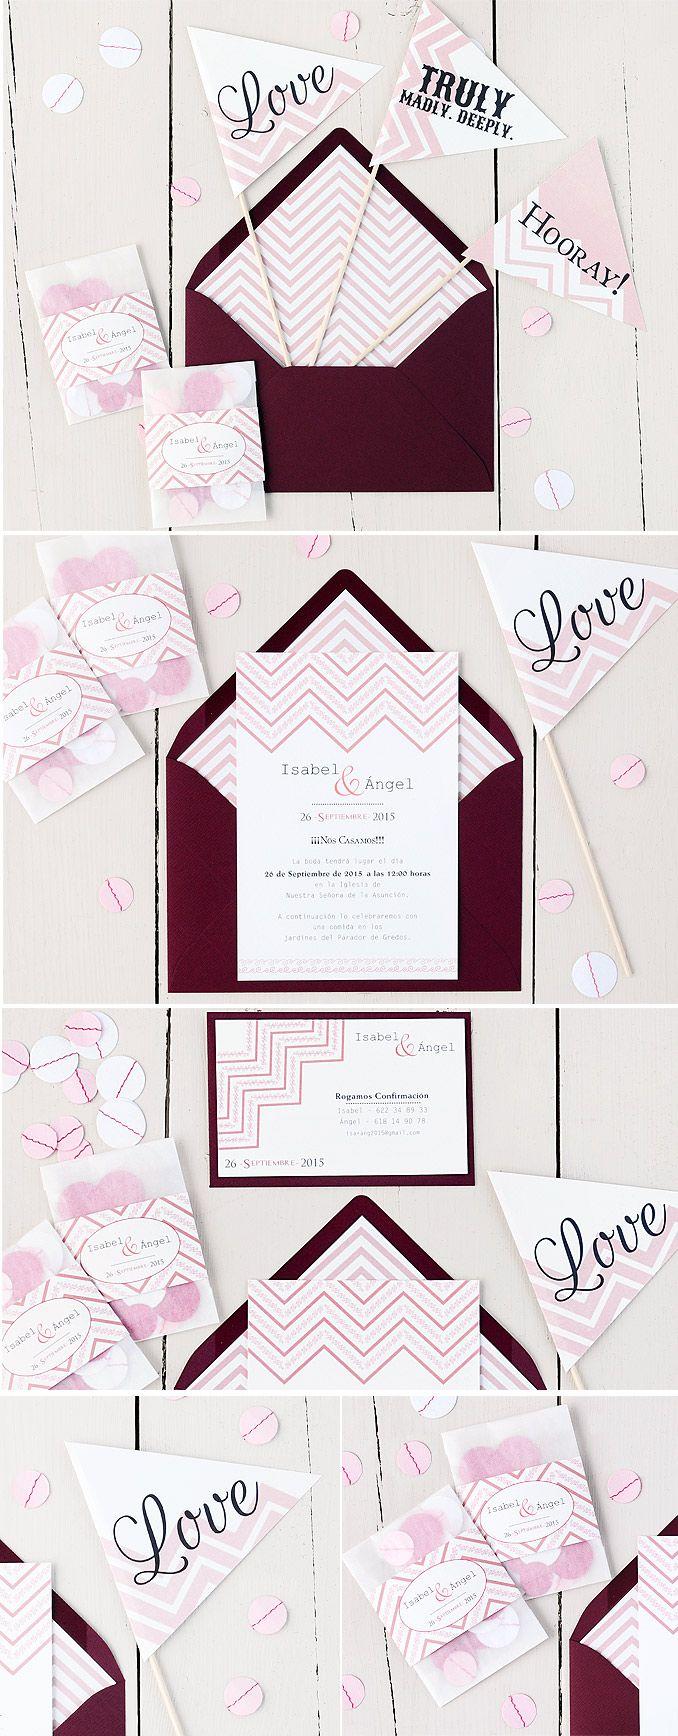 Invitación de boda chevron en rosa y burdeos #azulsahara #wedding #invitations www.azulsahara.com